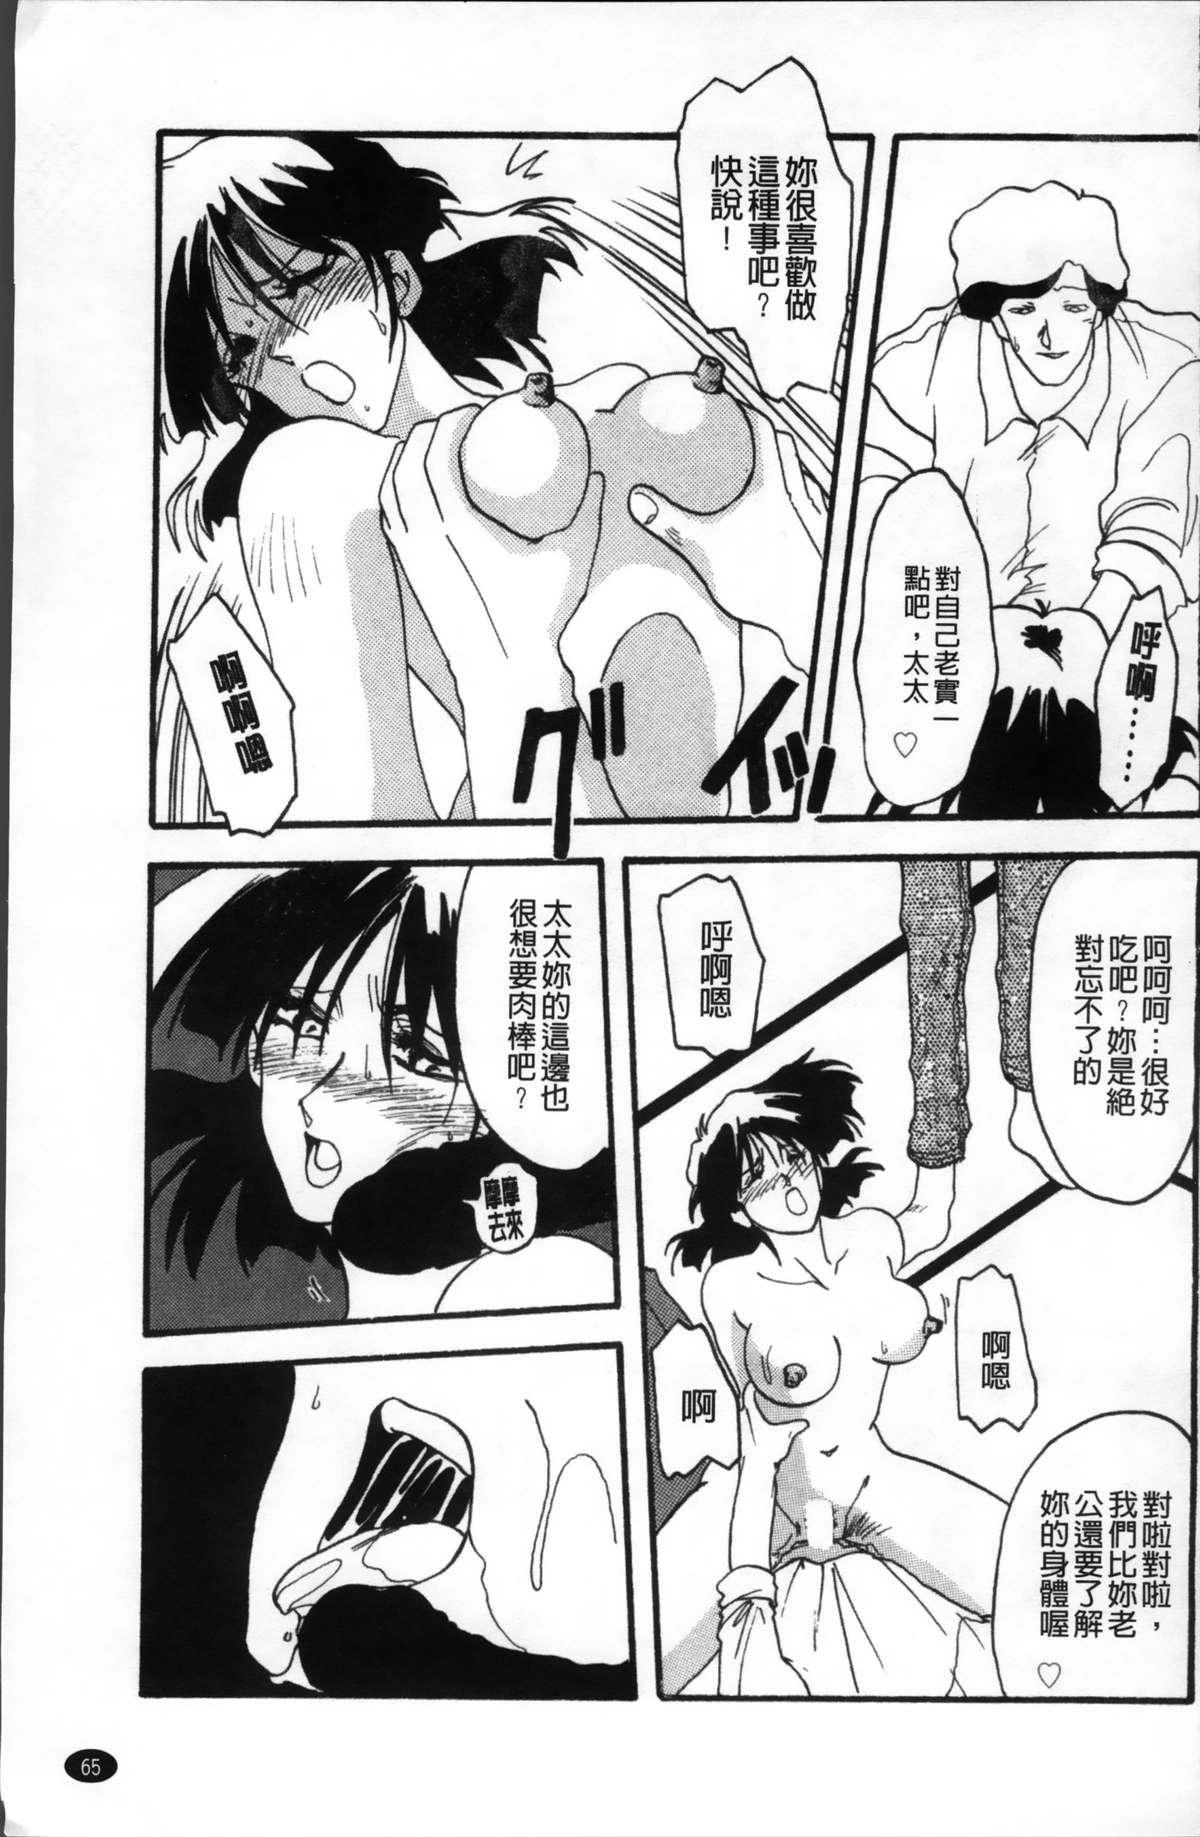 Hiiro no Koku Kanzenban   緋色之刻 完全版 68